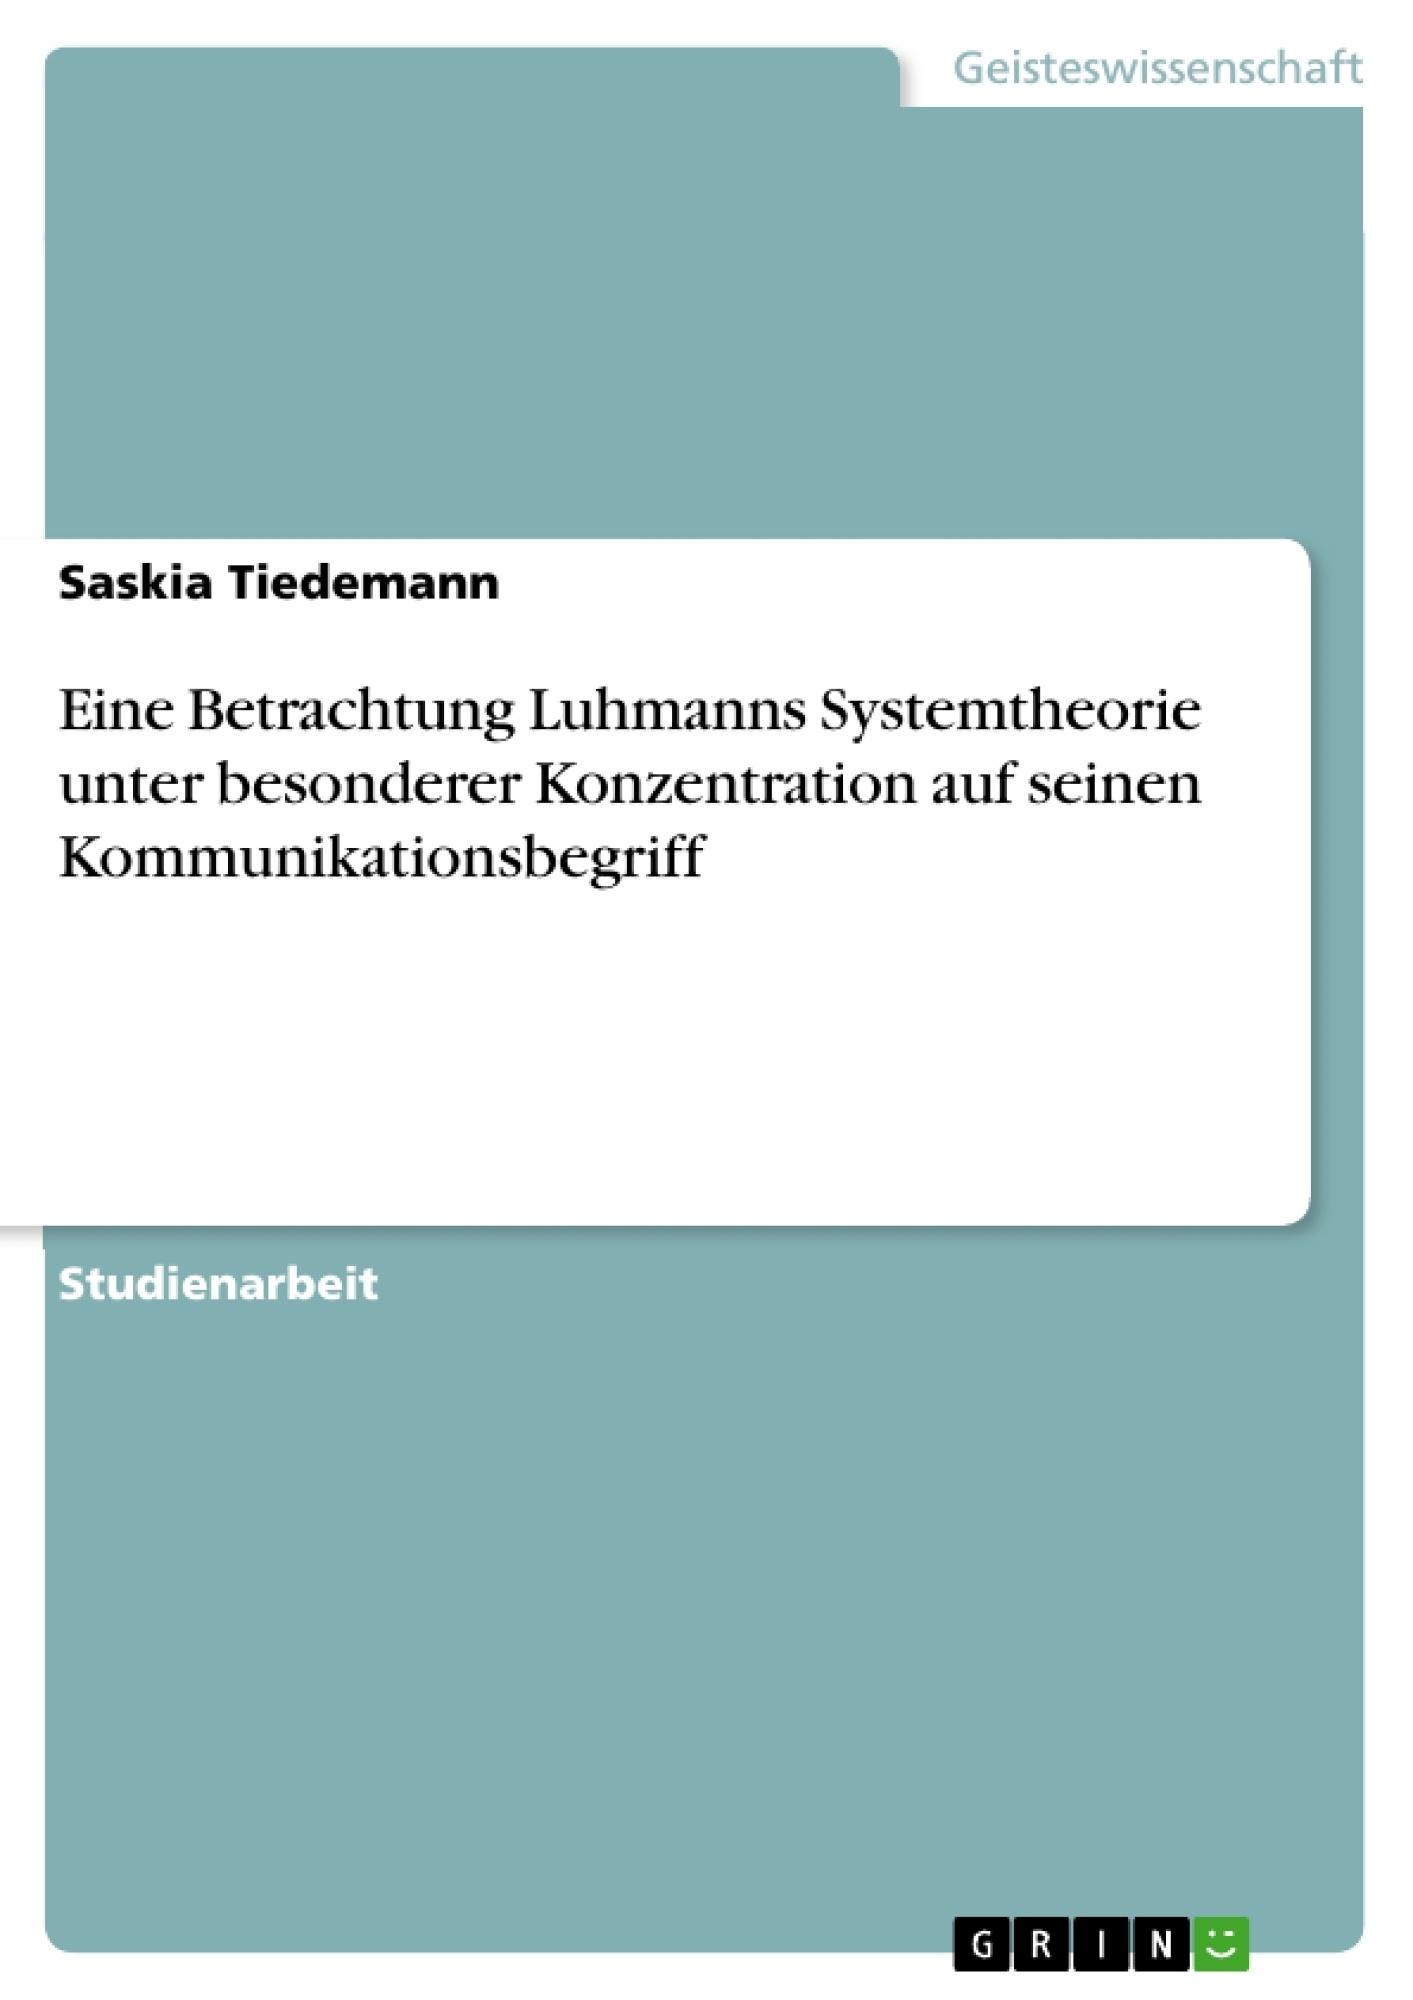 Titel: Eine Betrachtung Luhmanns Systemtheorie unter besonderer Konzentration auf seinen Kommunikationsbegriff